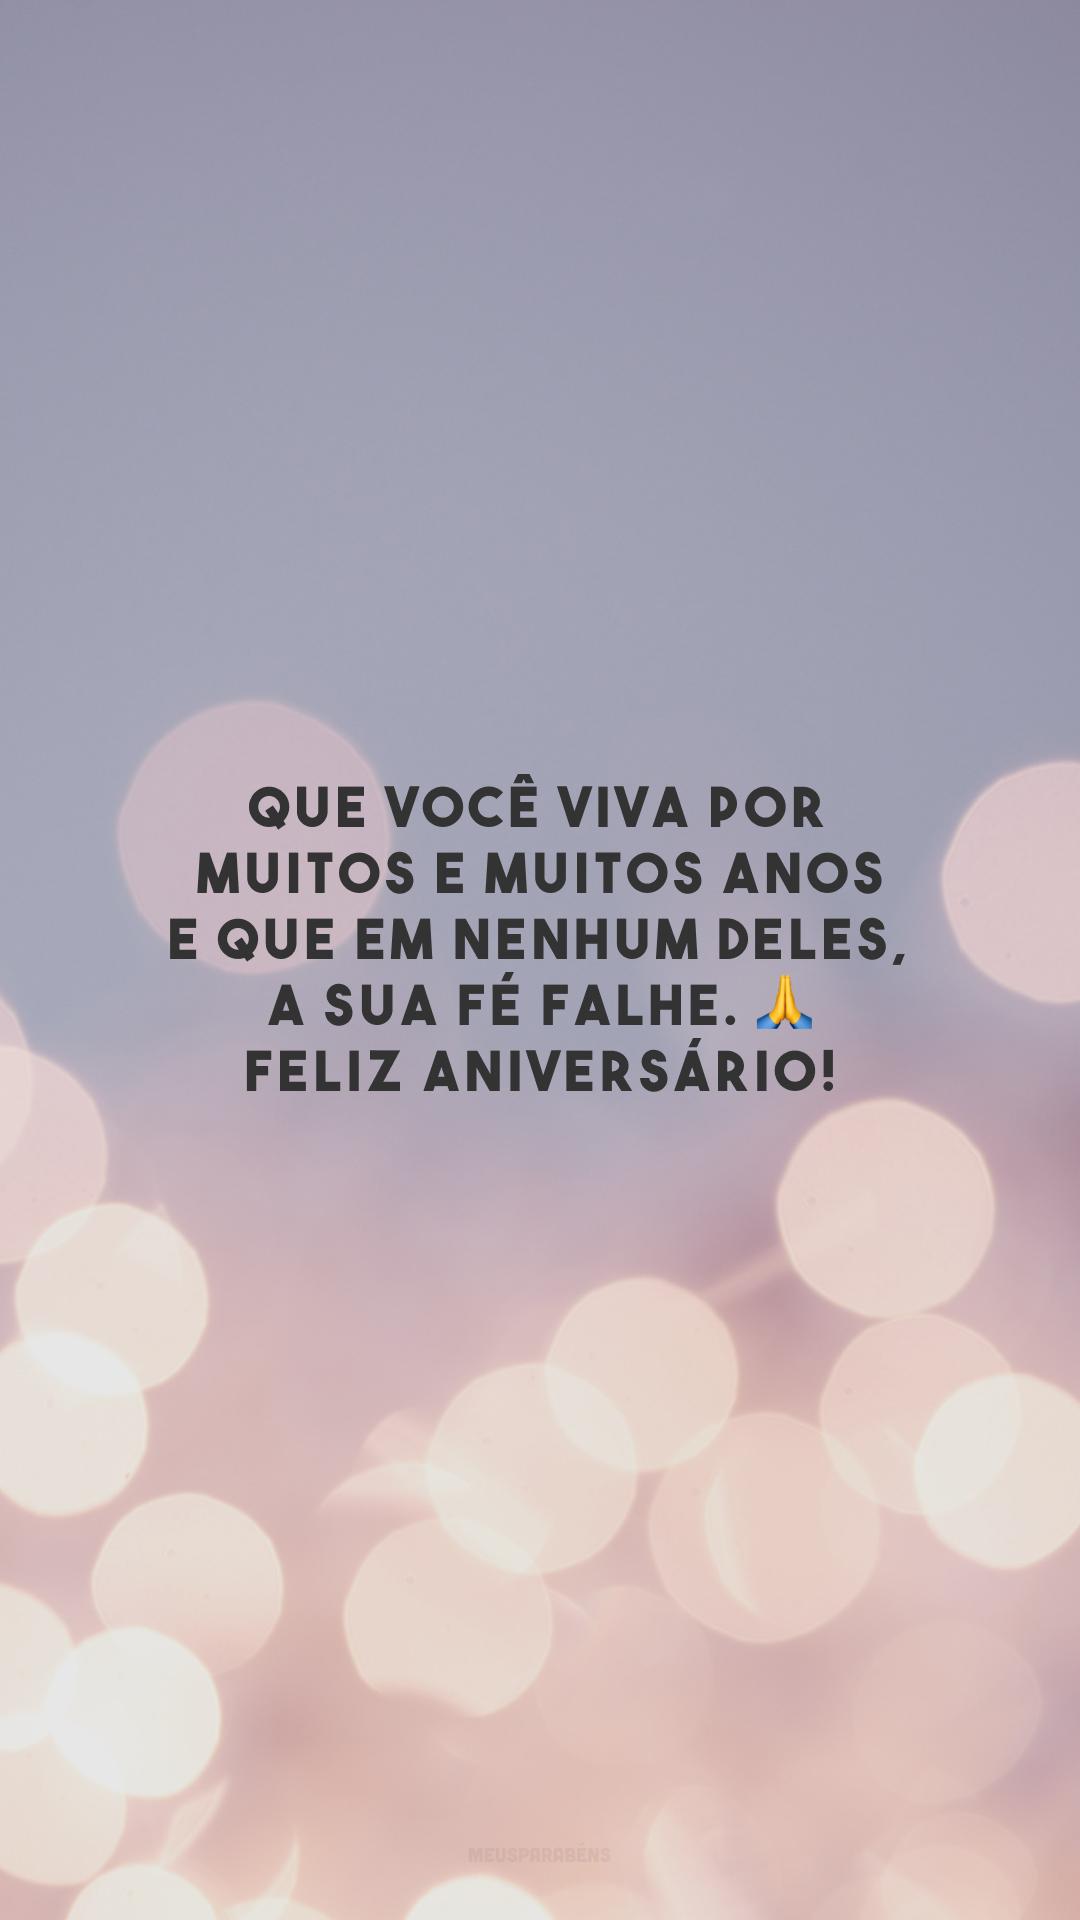 Que você viva por muitos e muitos anos e que em nenhum deles, a sua fé falhe. Feliz aniversário!